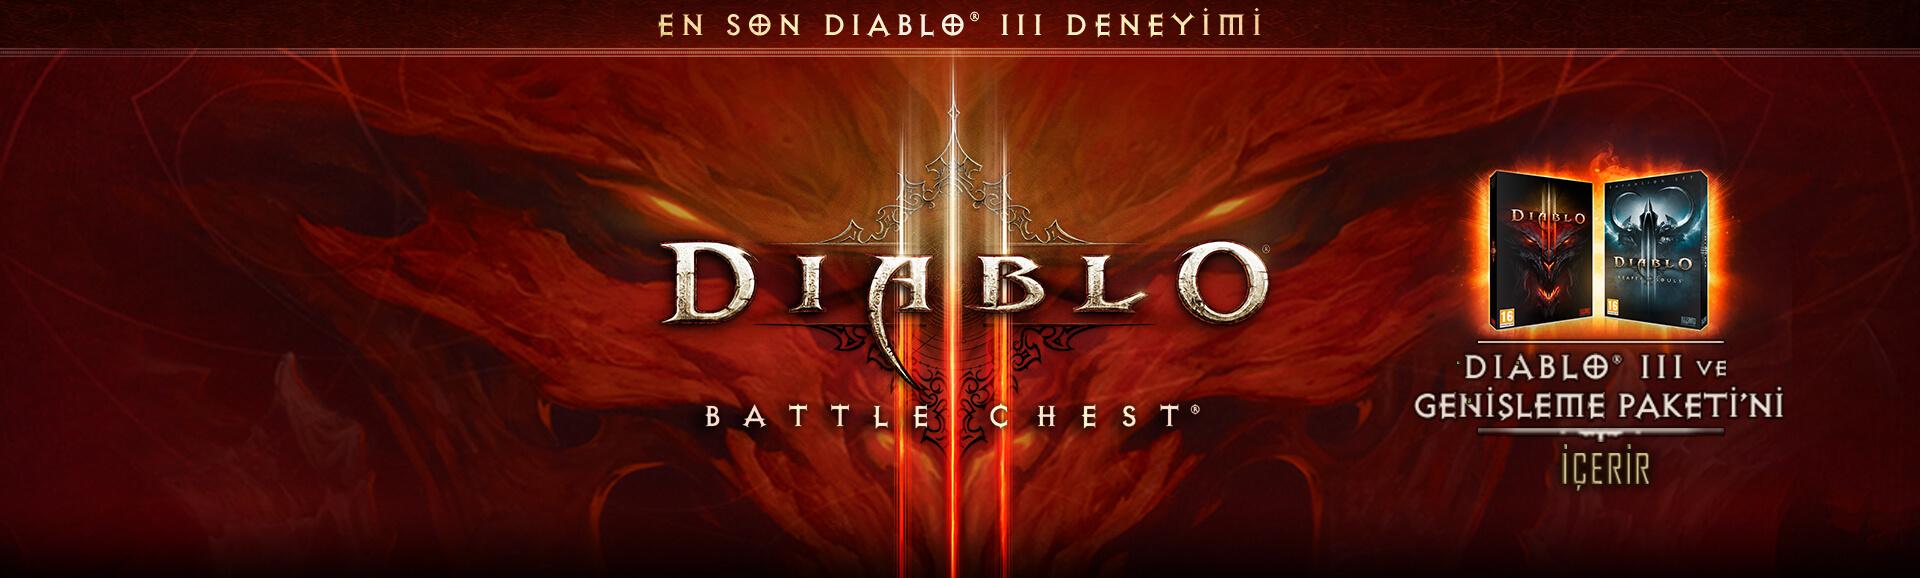 DIABLO 3 BattleChest Şimdi Satışta!